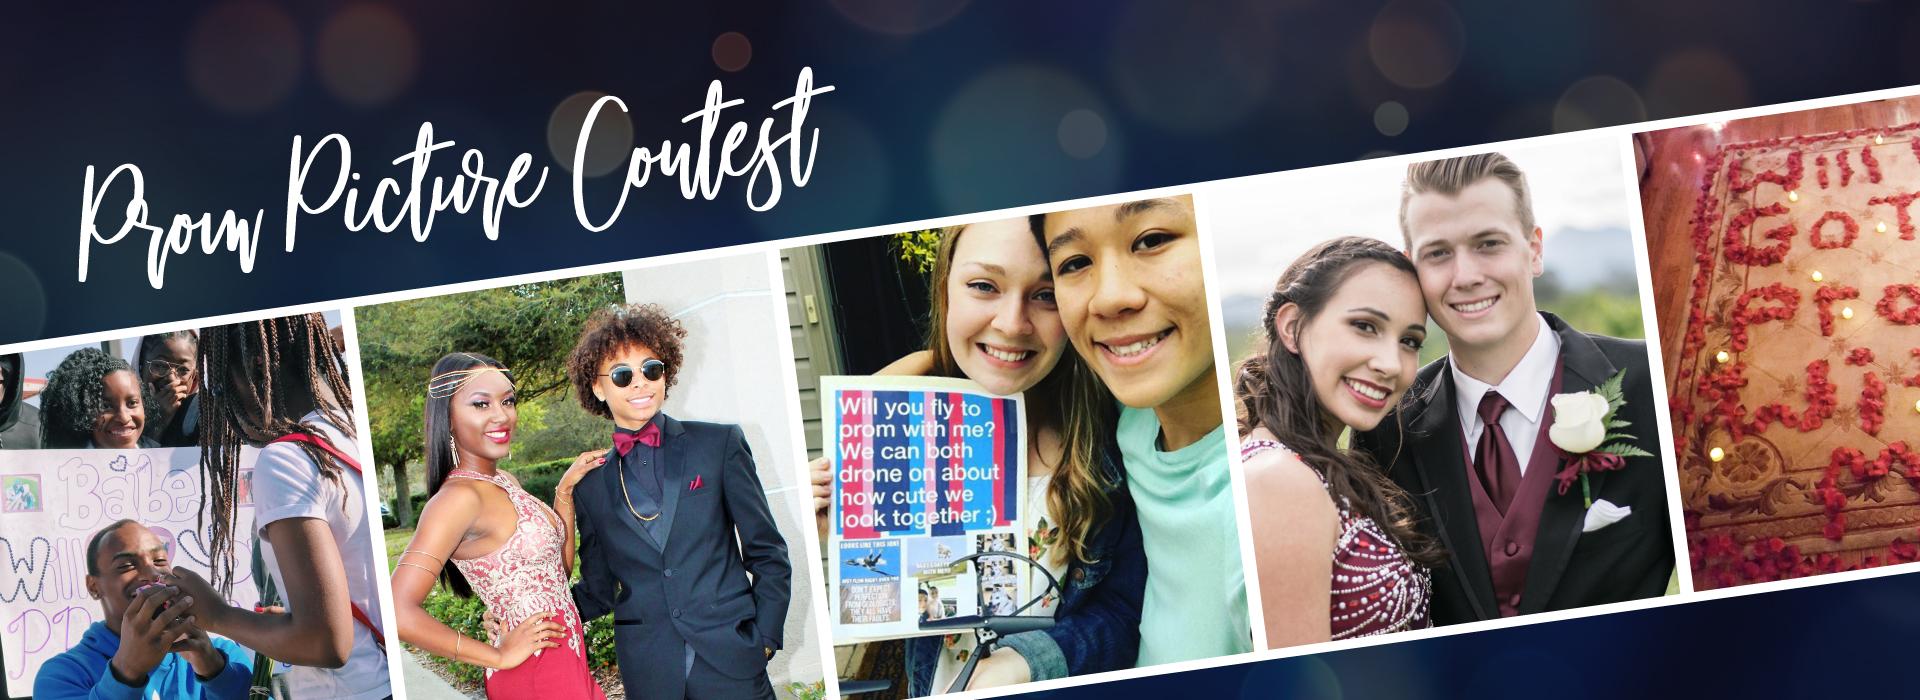 Prom Pic Contest